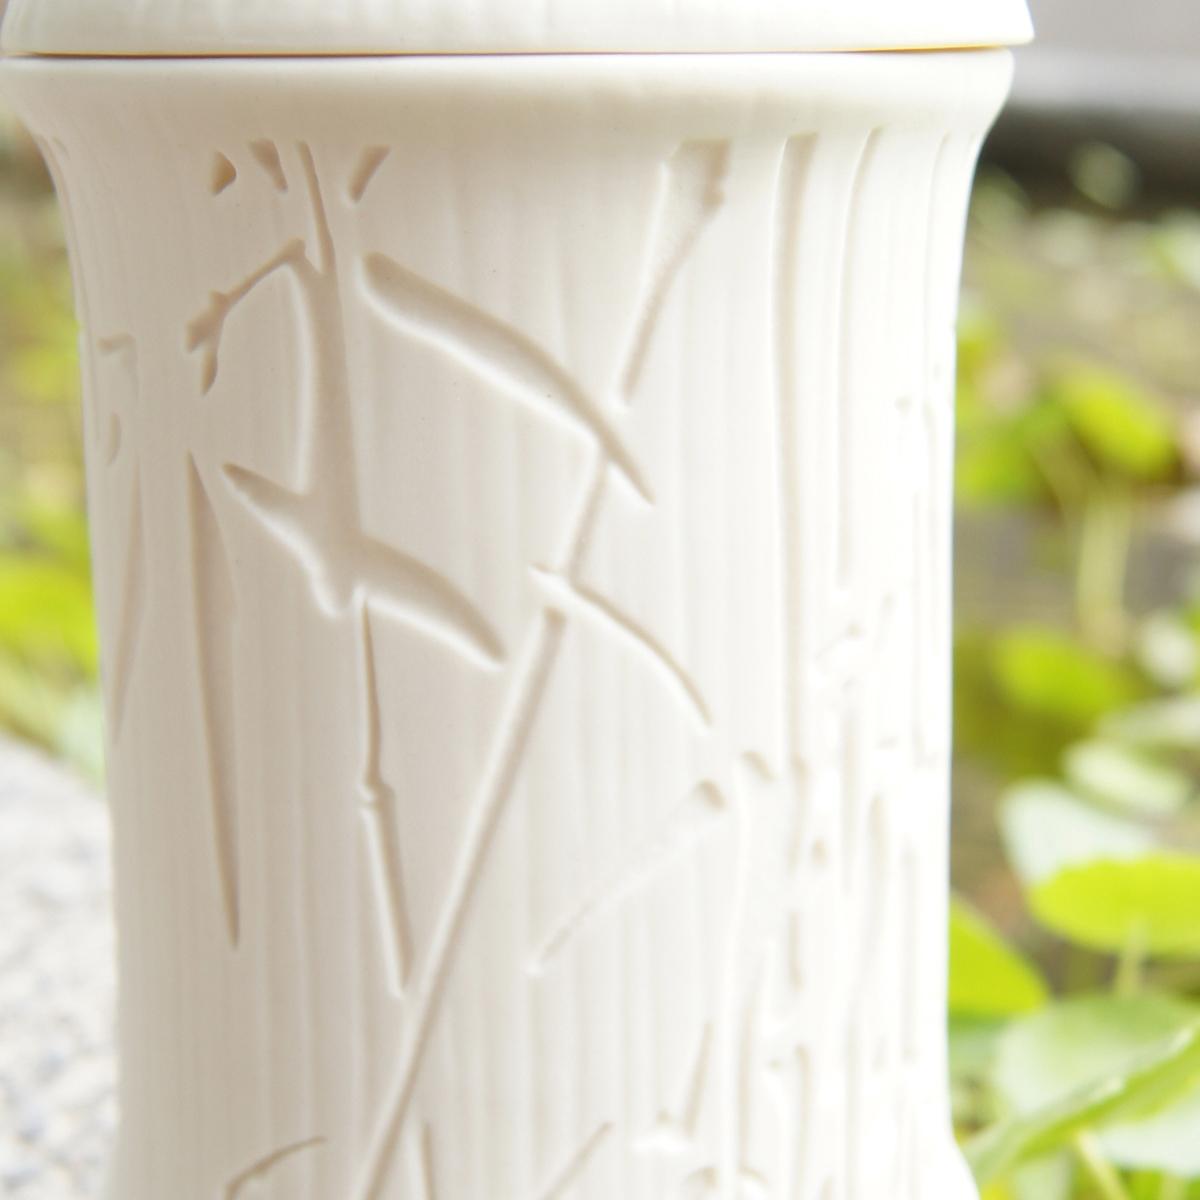 好合苑 Grand Garden 竹韻蓋杯 墨竹 單白色 (附提袋)